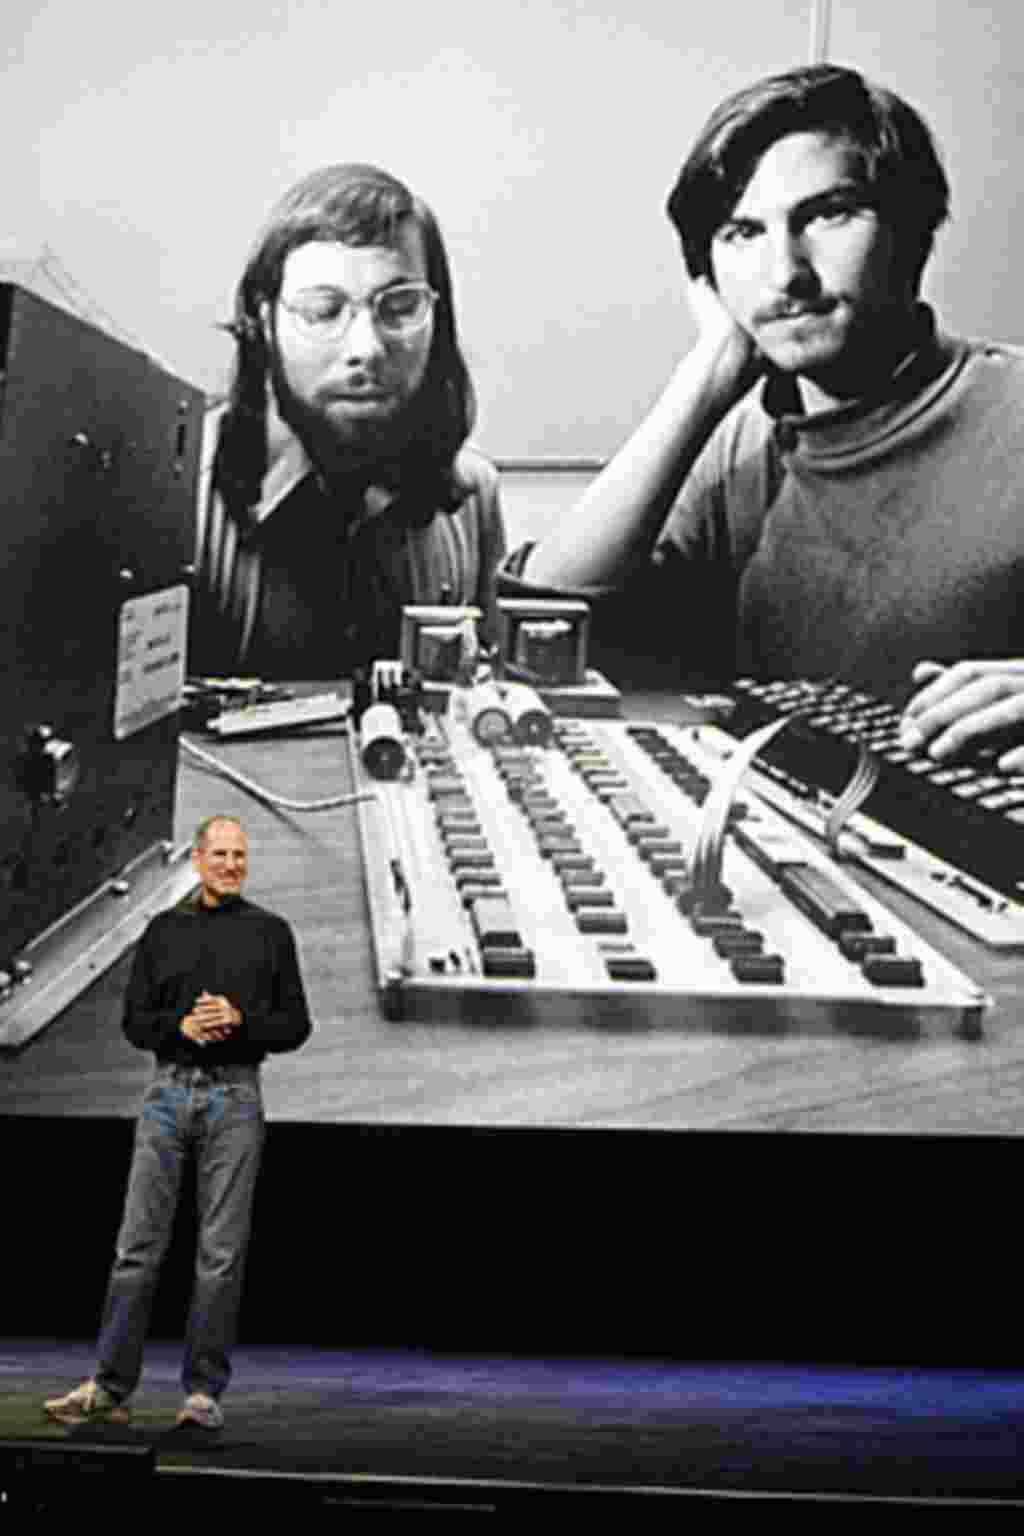 ژانویه ۲۰۱۰ استیو جابز با یکی دیگر از بنیانگزاران شرکت اَپل در سانفرانسیسکو